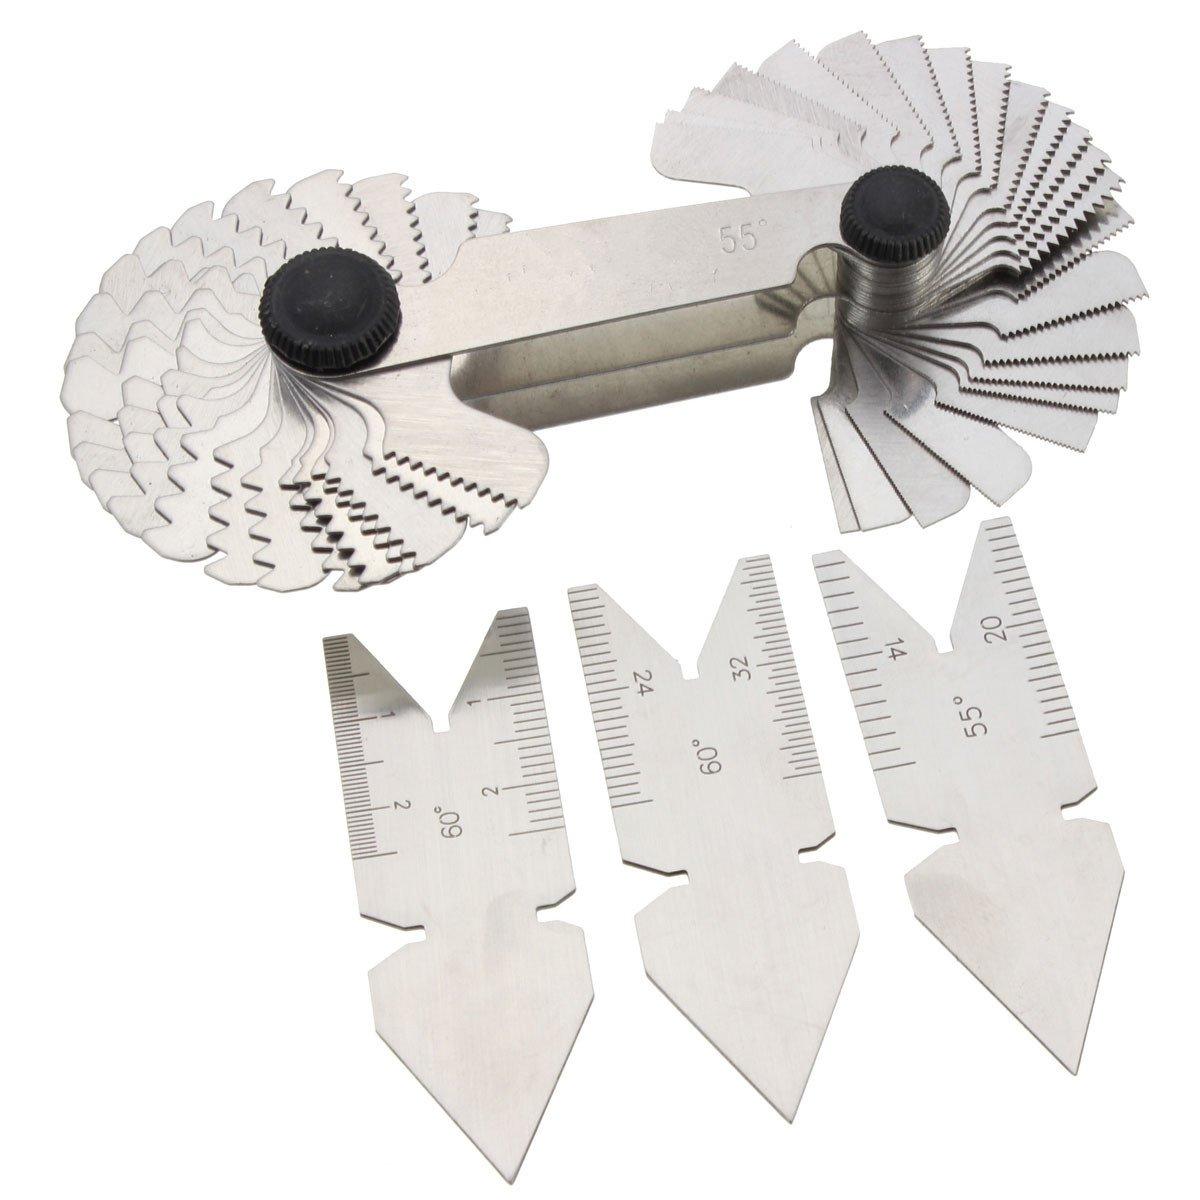 gochange portátil tornillo de rosca calibre de corte de tono/tornillo Pitch Gauge herramienta Set/3piezas Centro Gage 55y 60° pulgadas y métrica